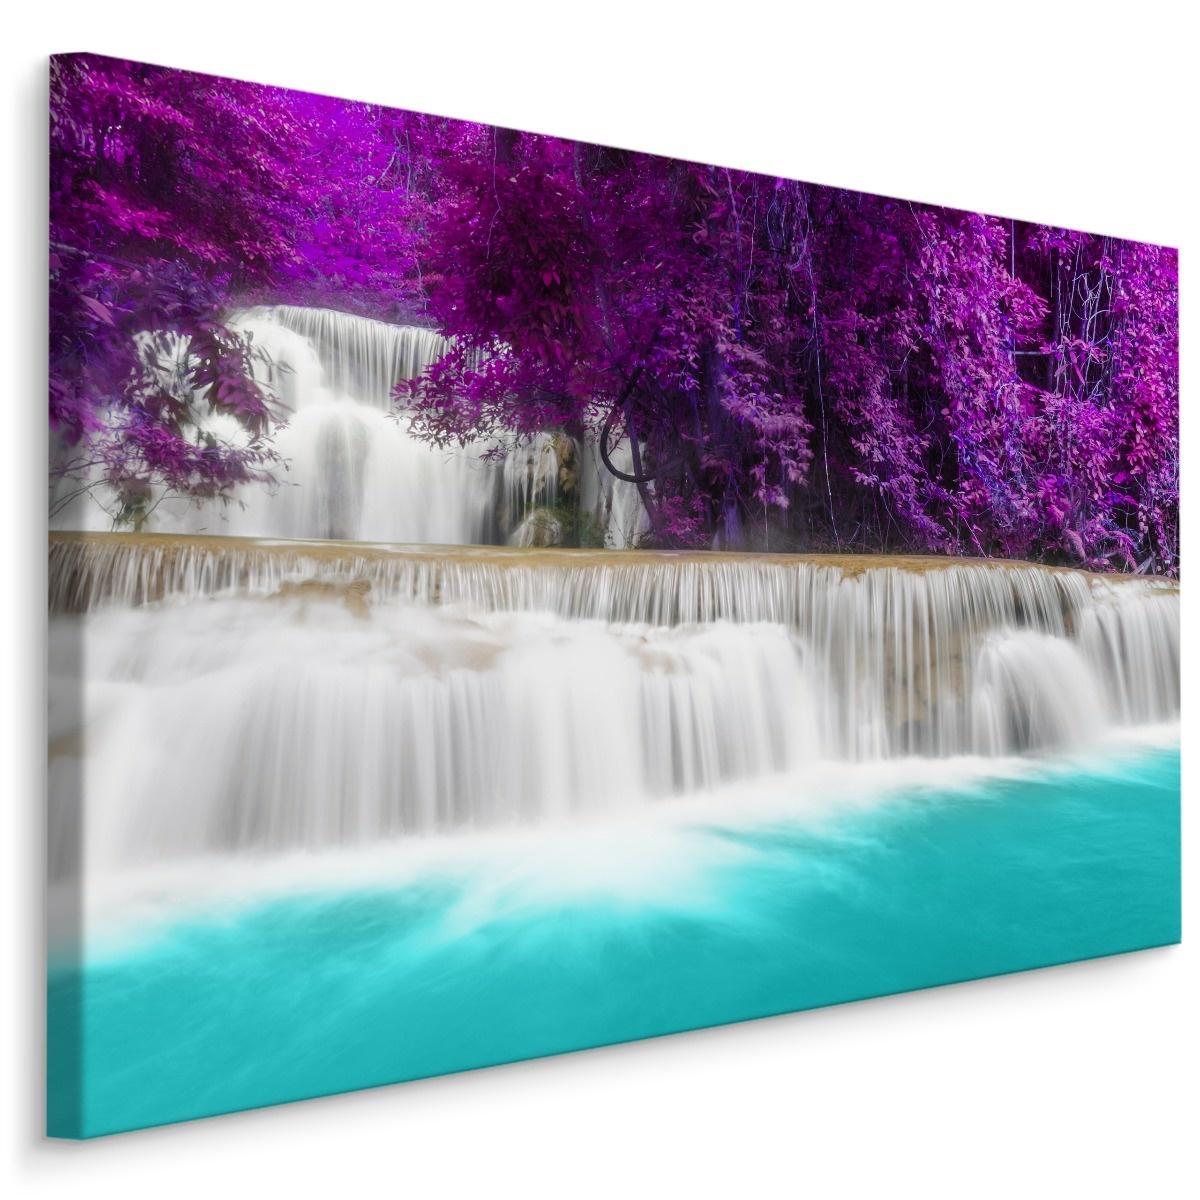 Schilderij - Wonderbaarlijke waterval, paars/blauw, 4 maten, wanddecoratie